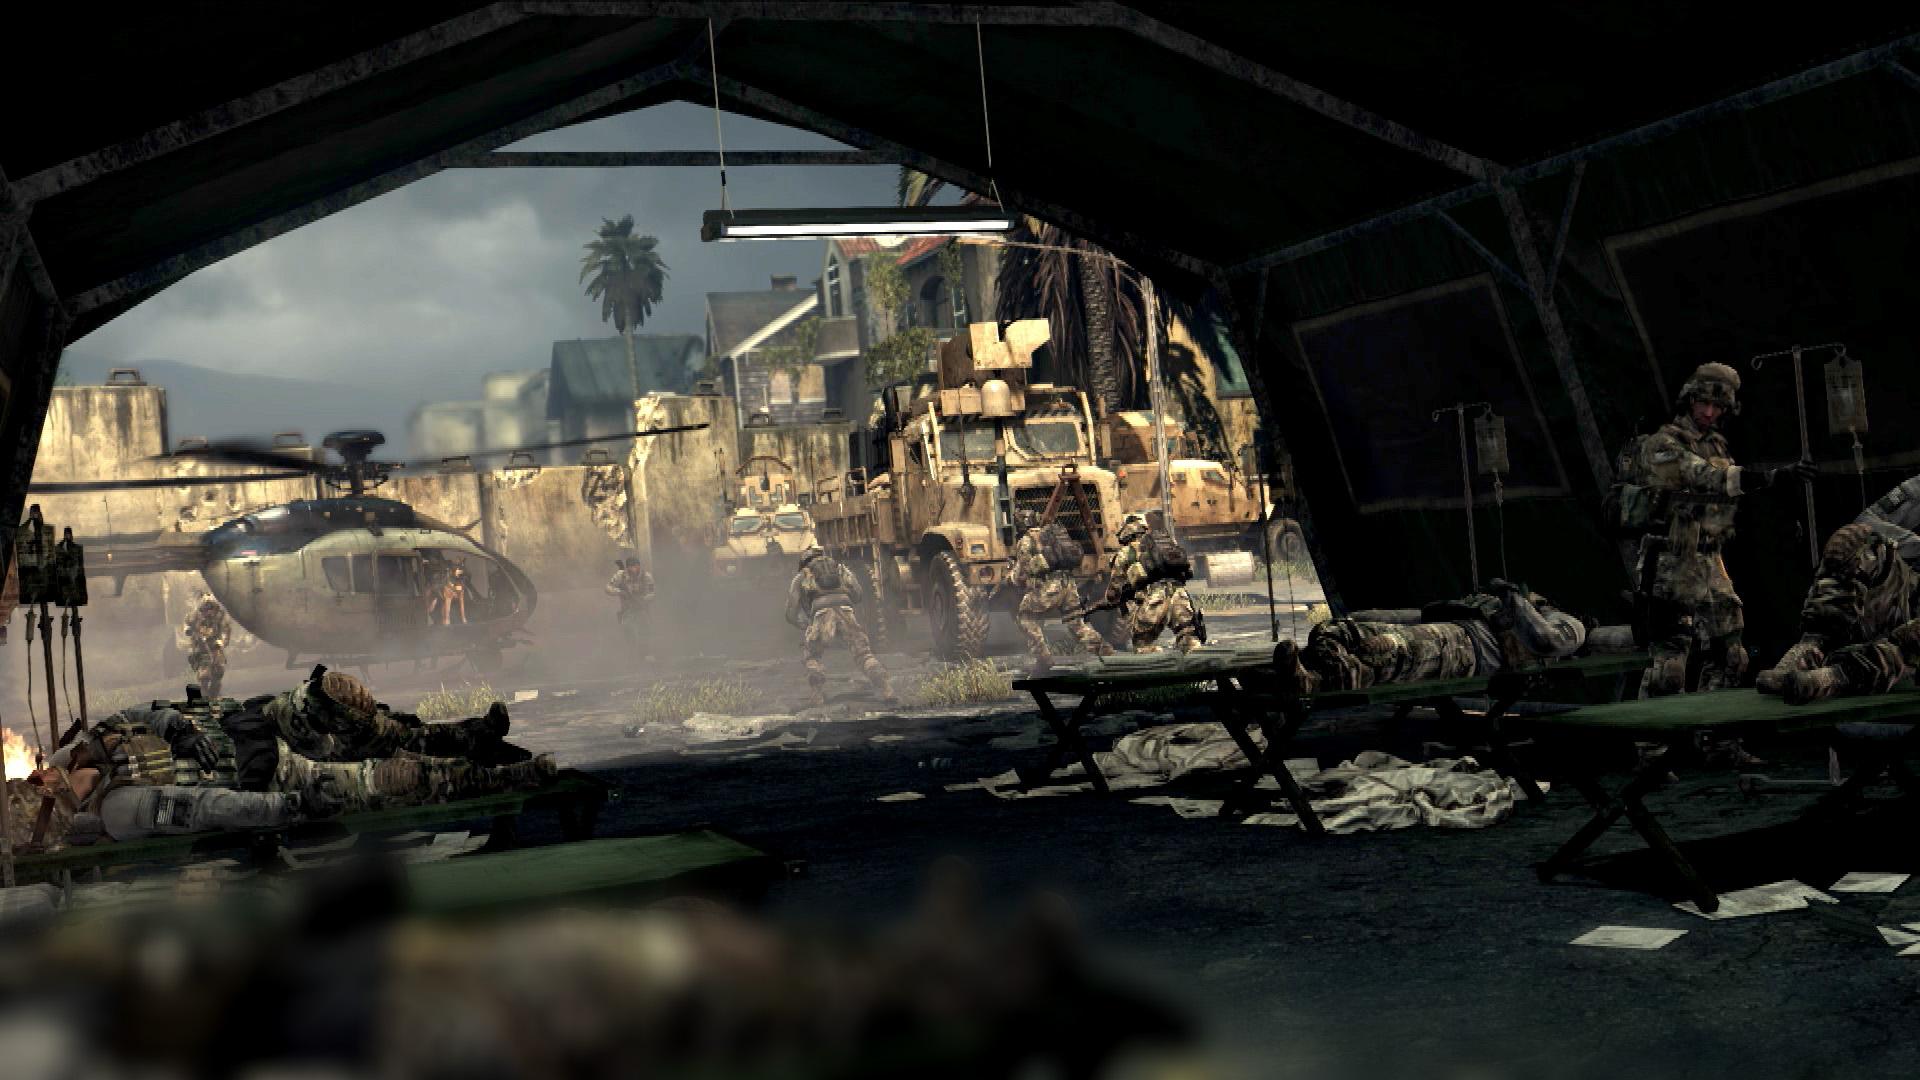 仮設の野営基地は傷病兵で溢れている。無残な姿を見せる家屋には、かつての生活の痕跡も